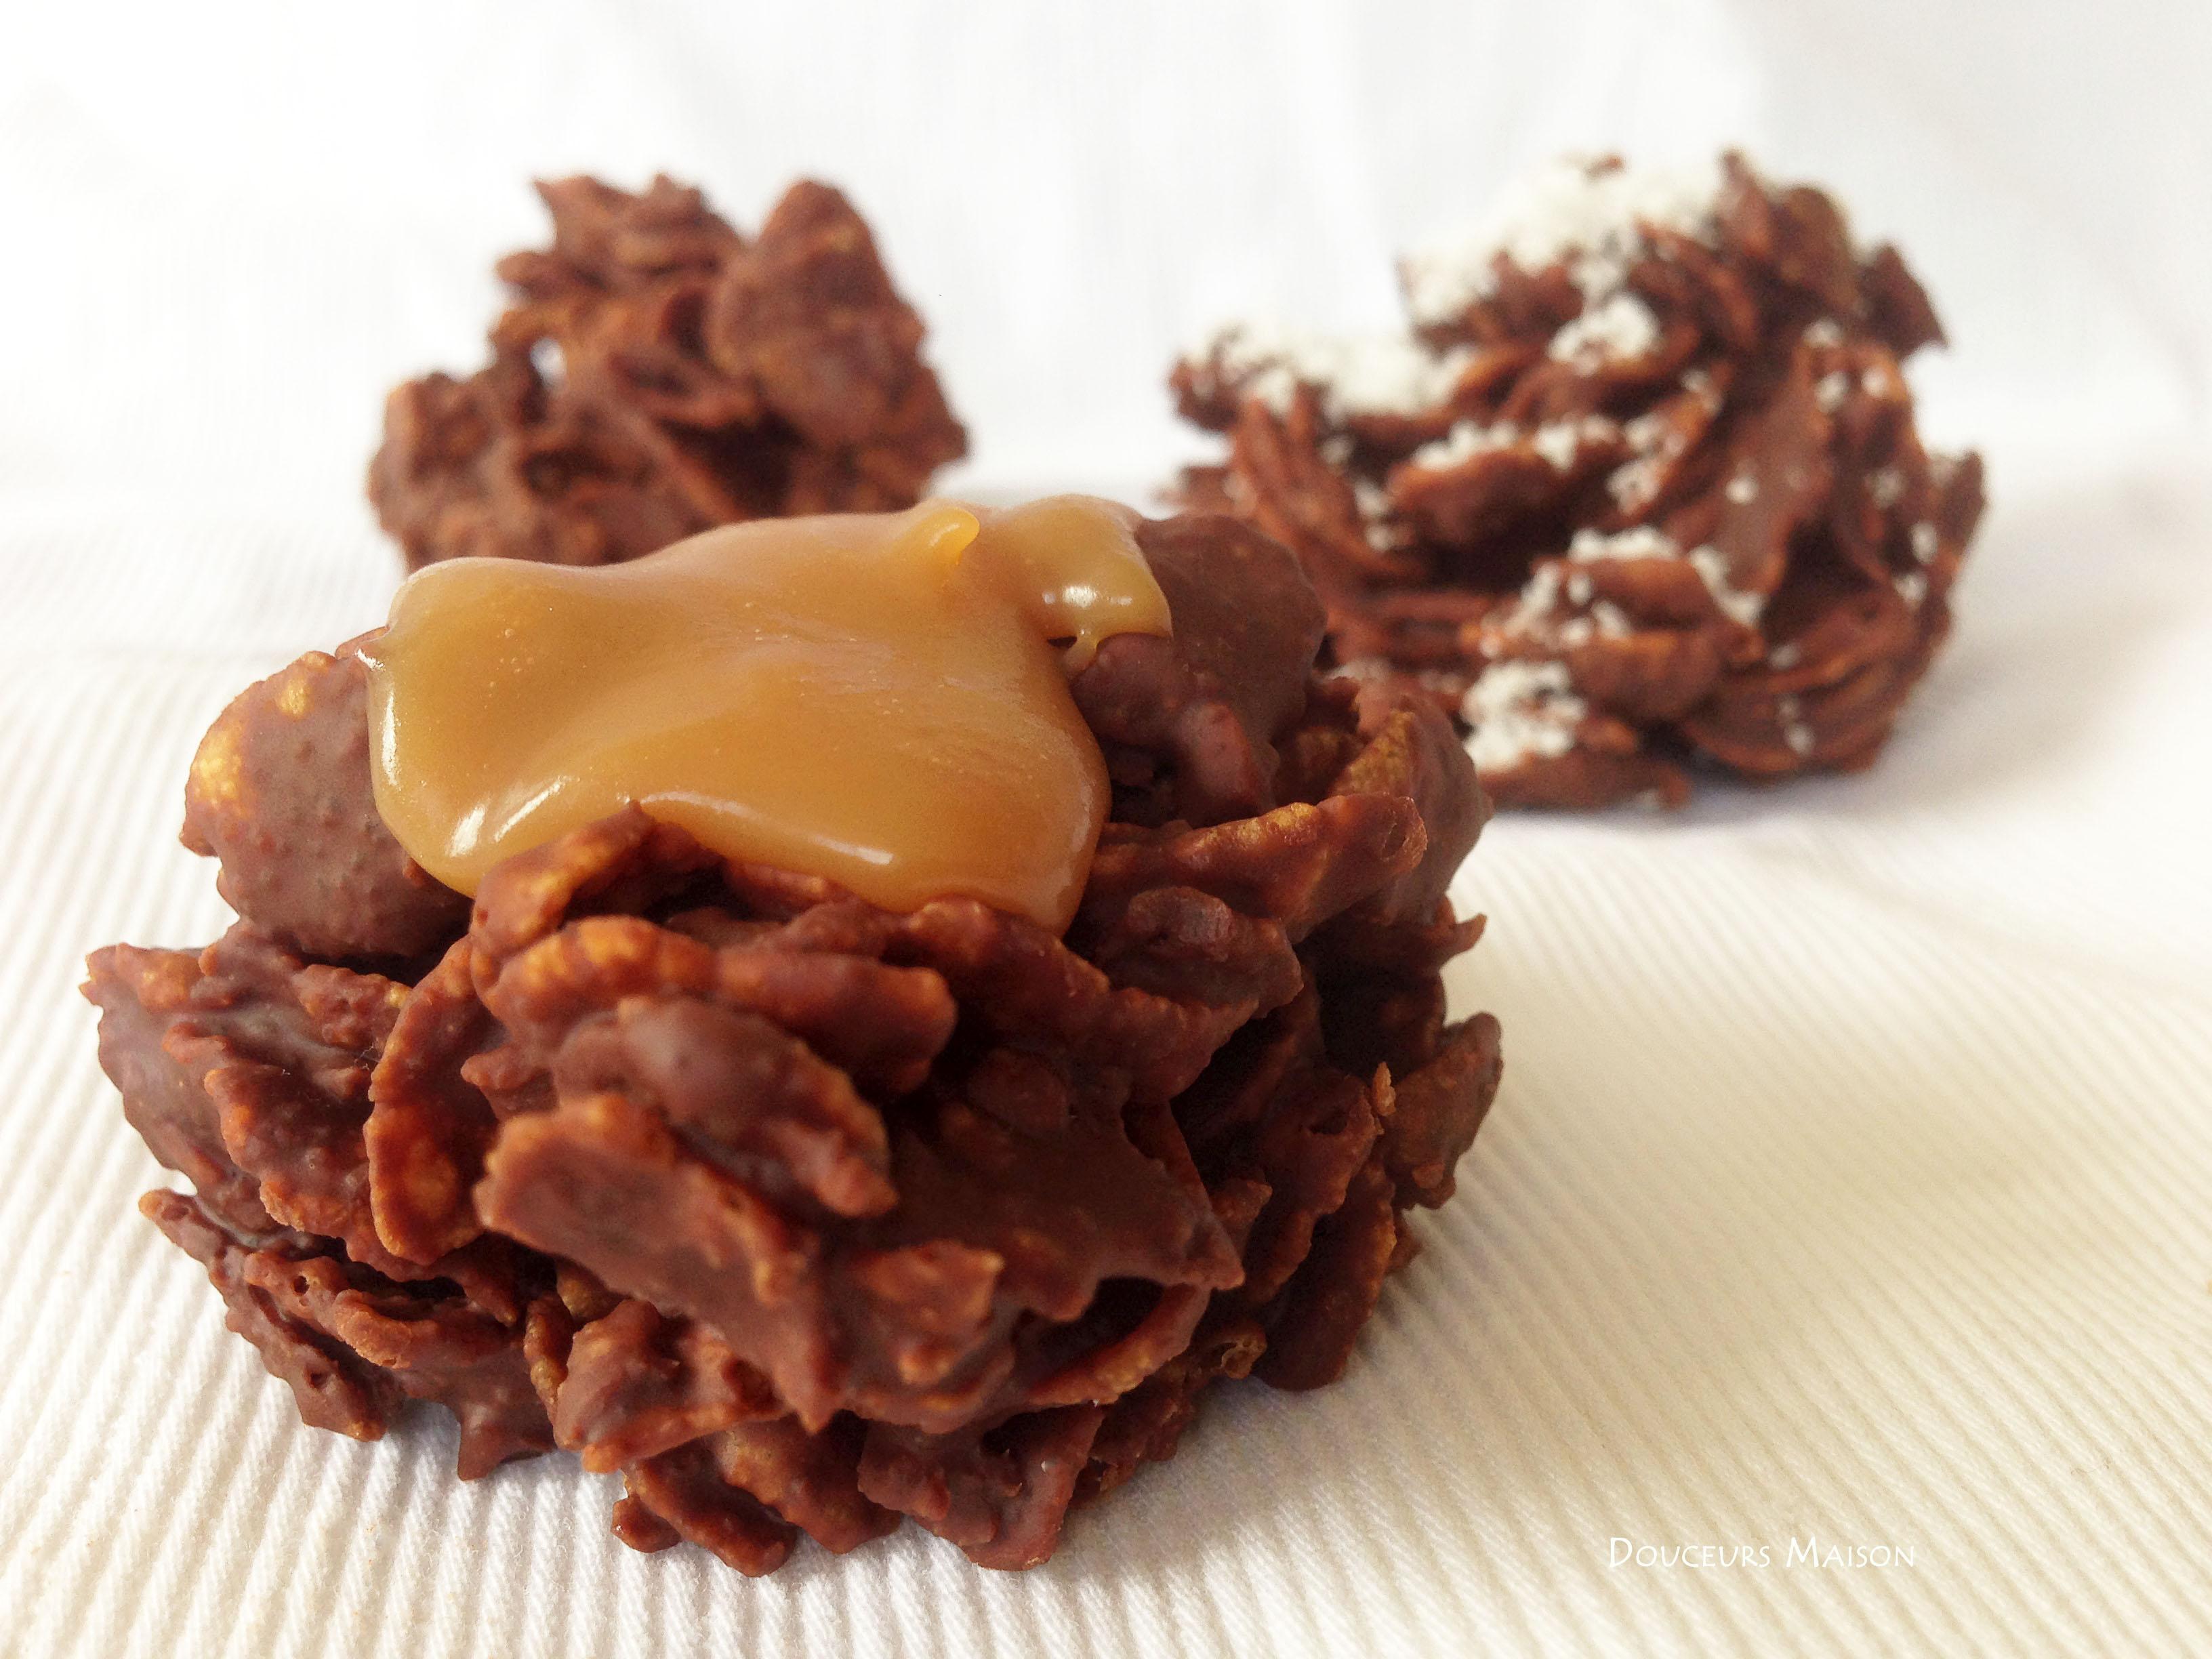 Roses Des Sables Chocolat Coco Et Caramel Douceurs Maison